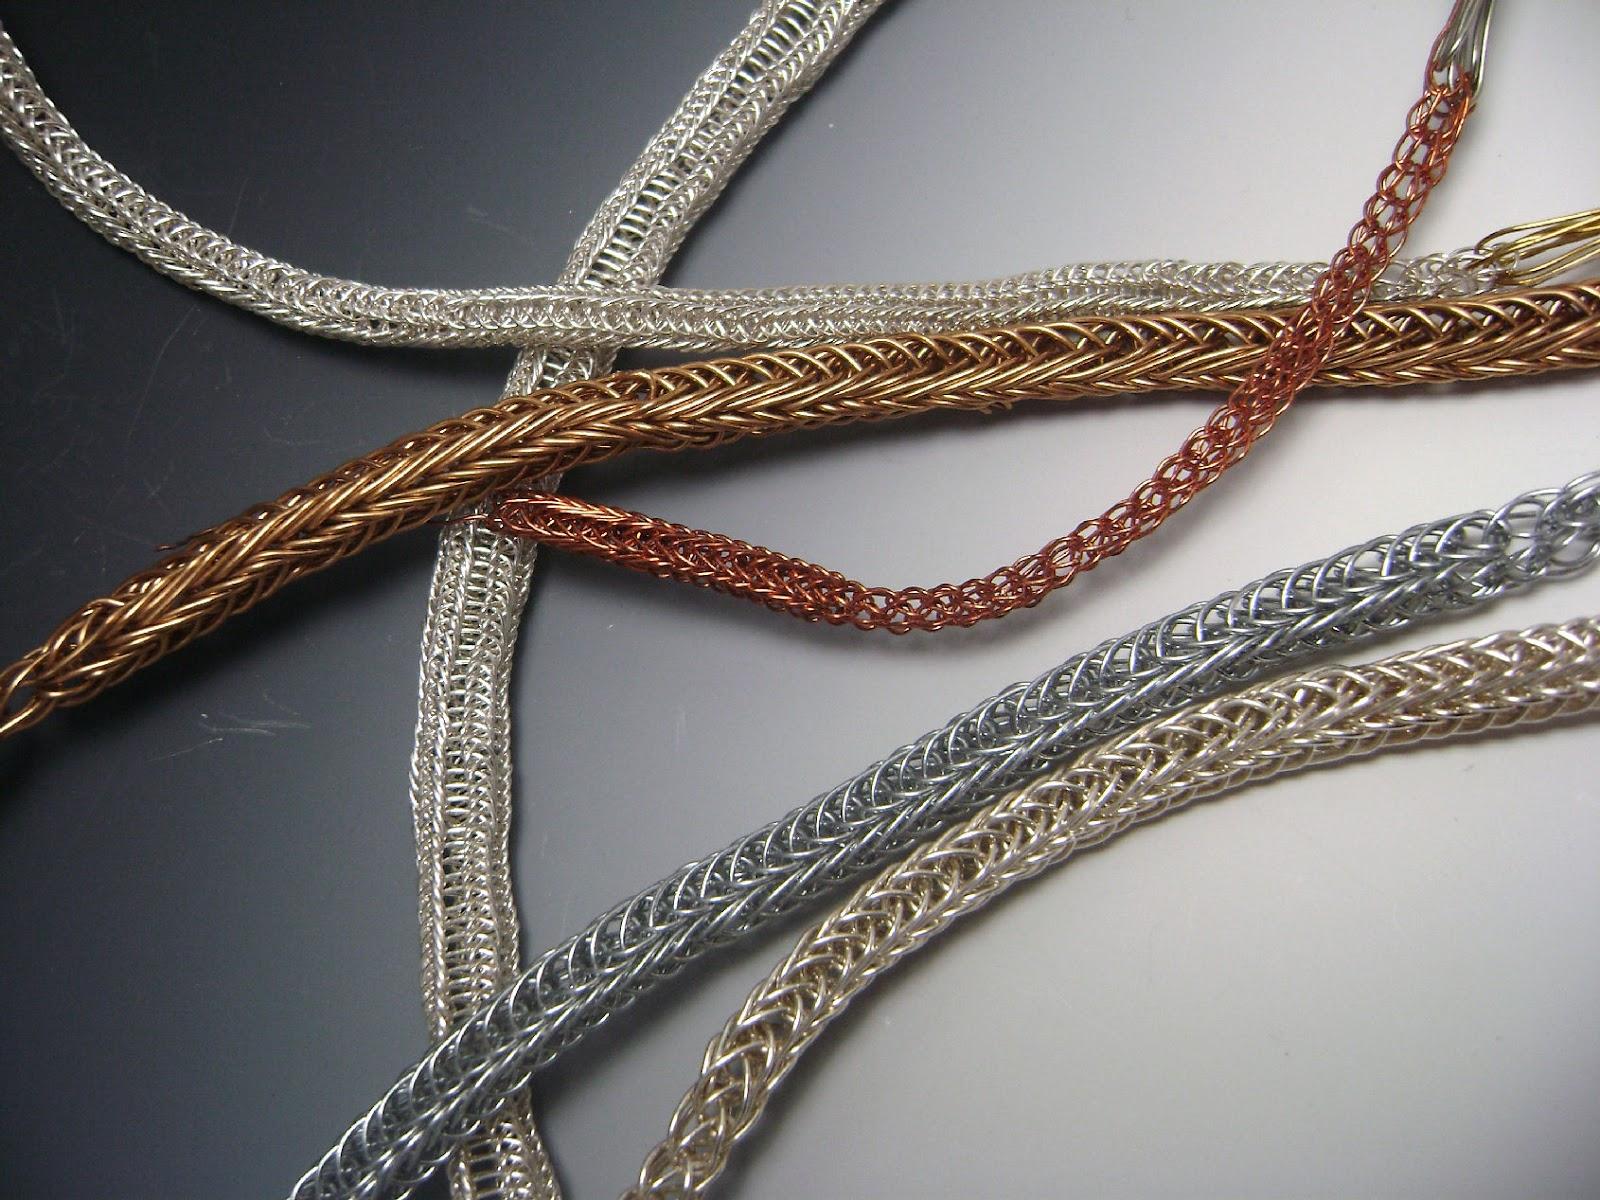 Dana Evans Studio Blog: Viking Knit Chain